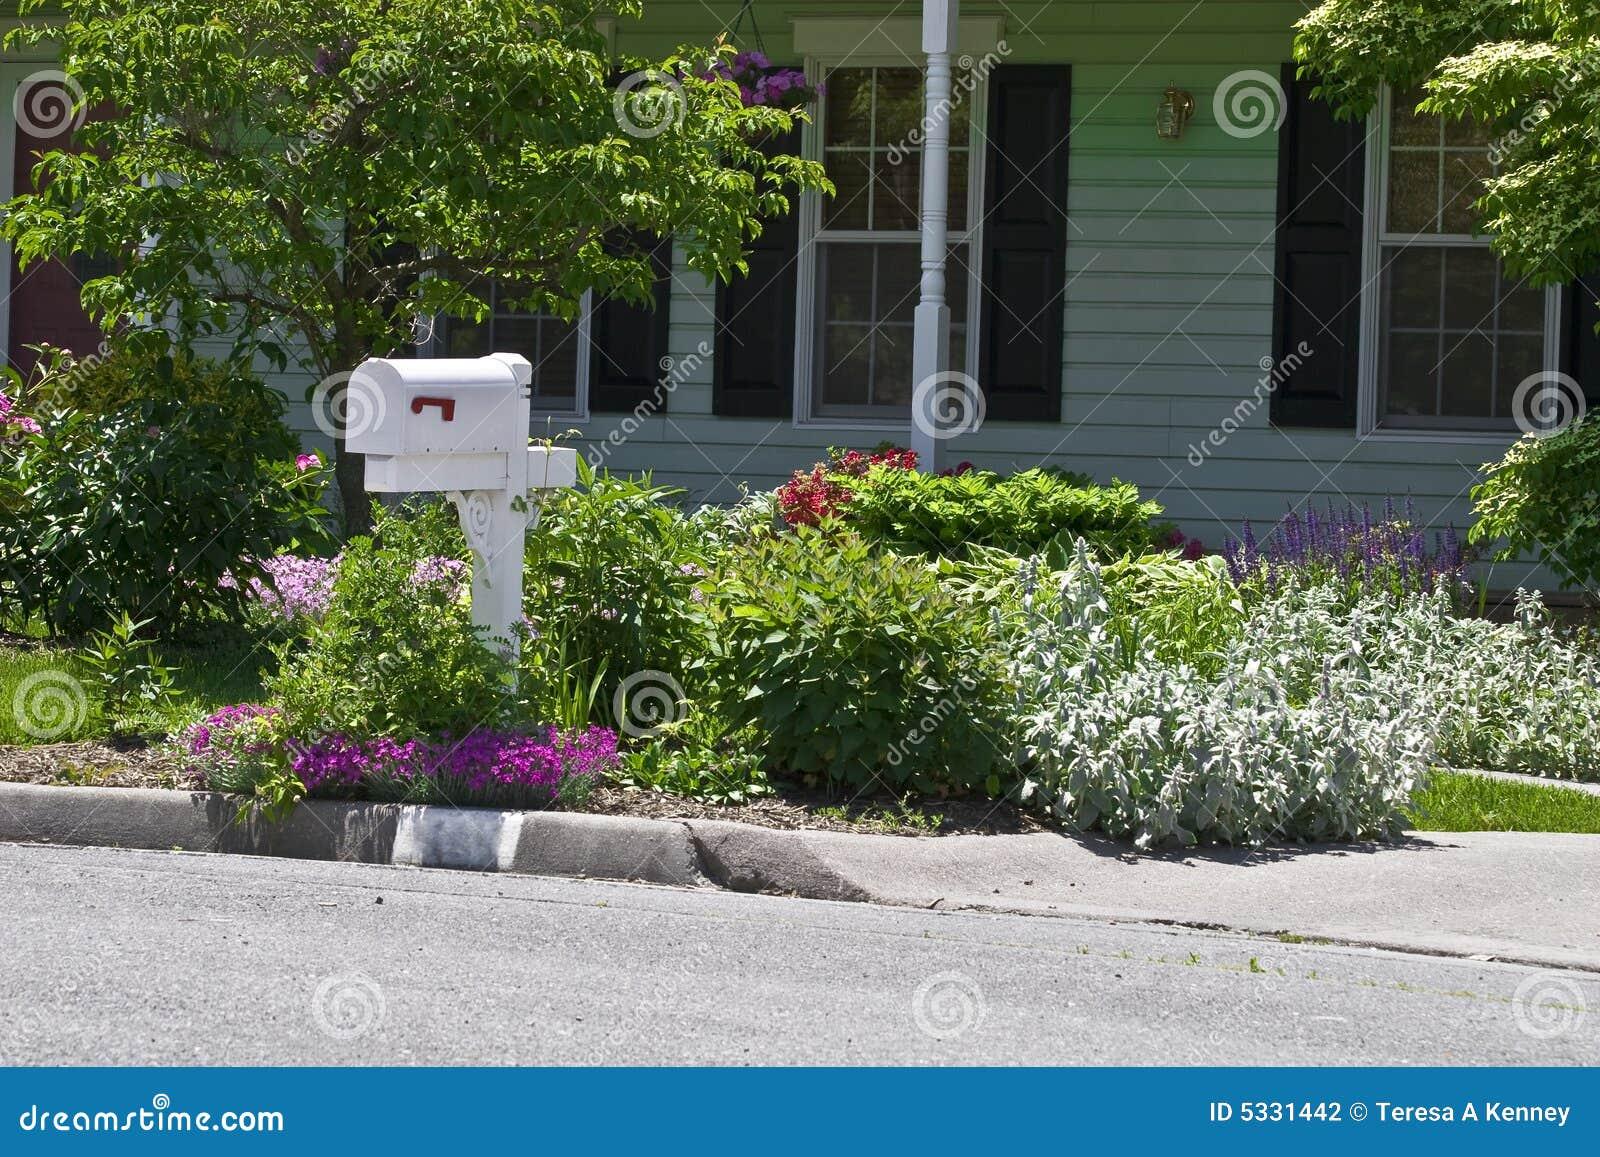 Residential flower gardens - Residential Flower Garden Stock Photography